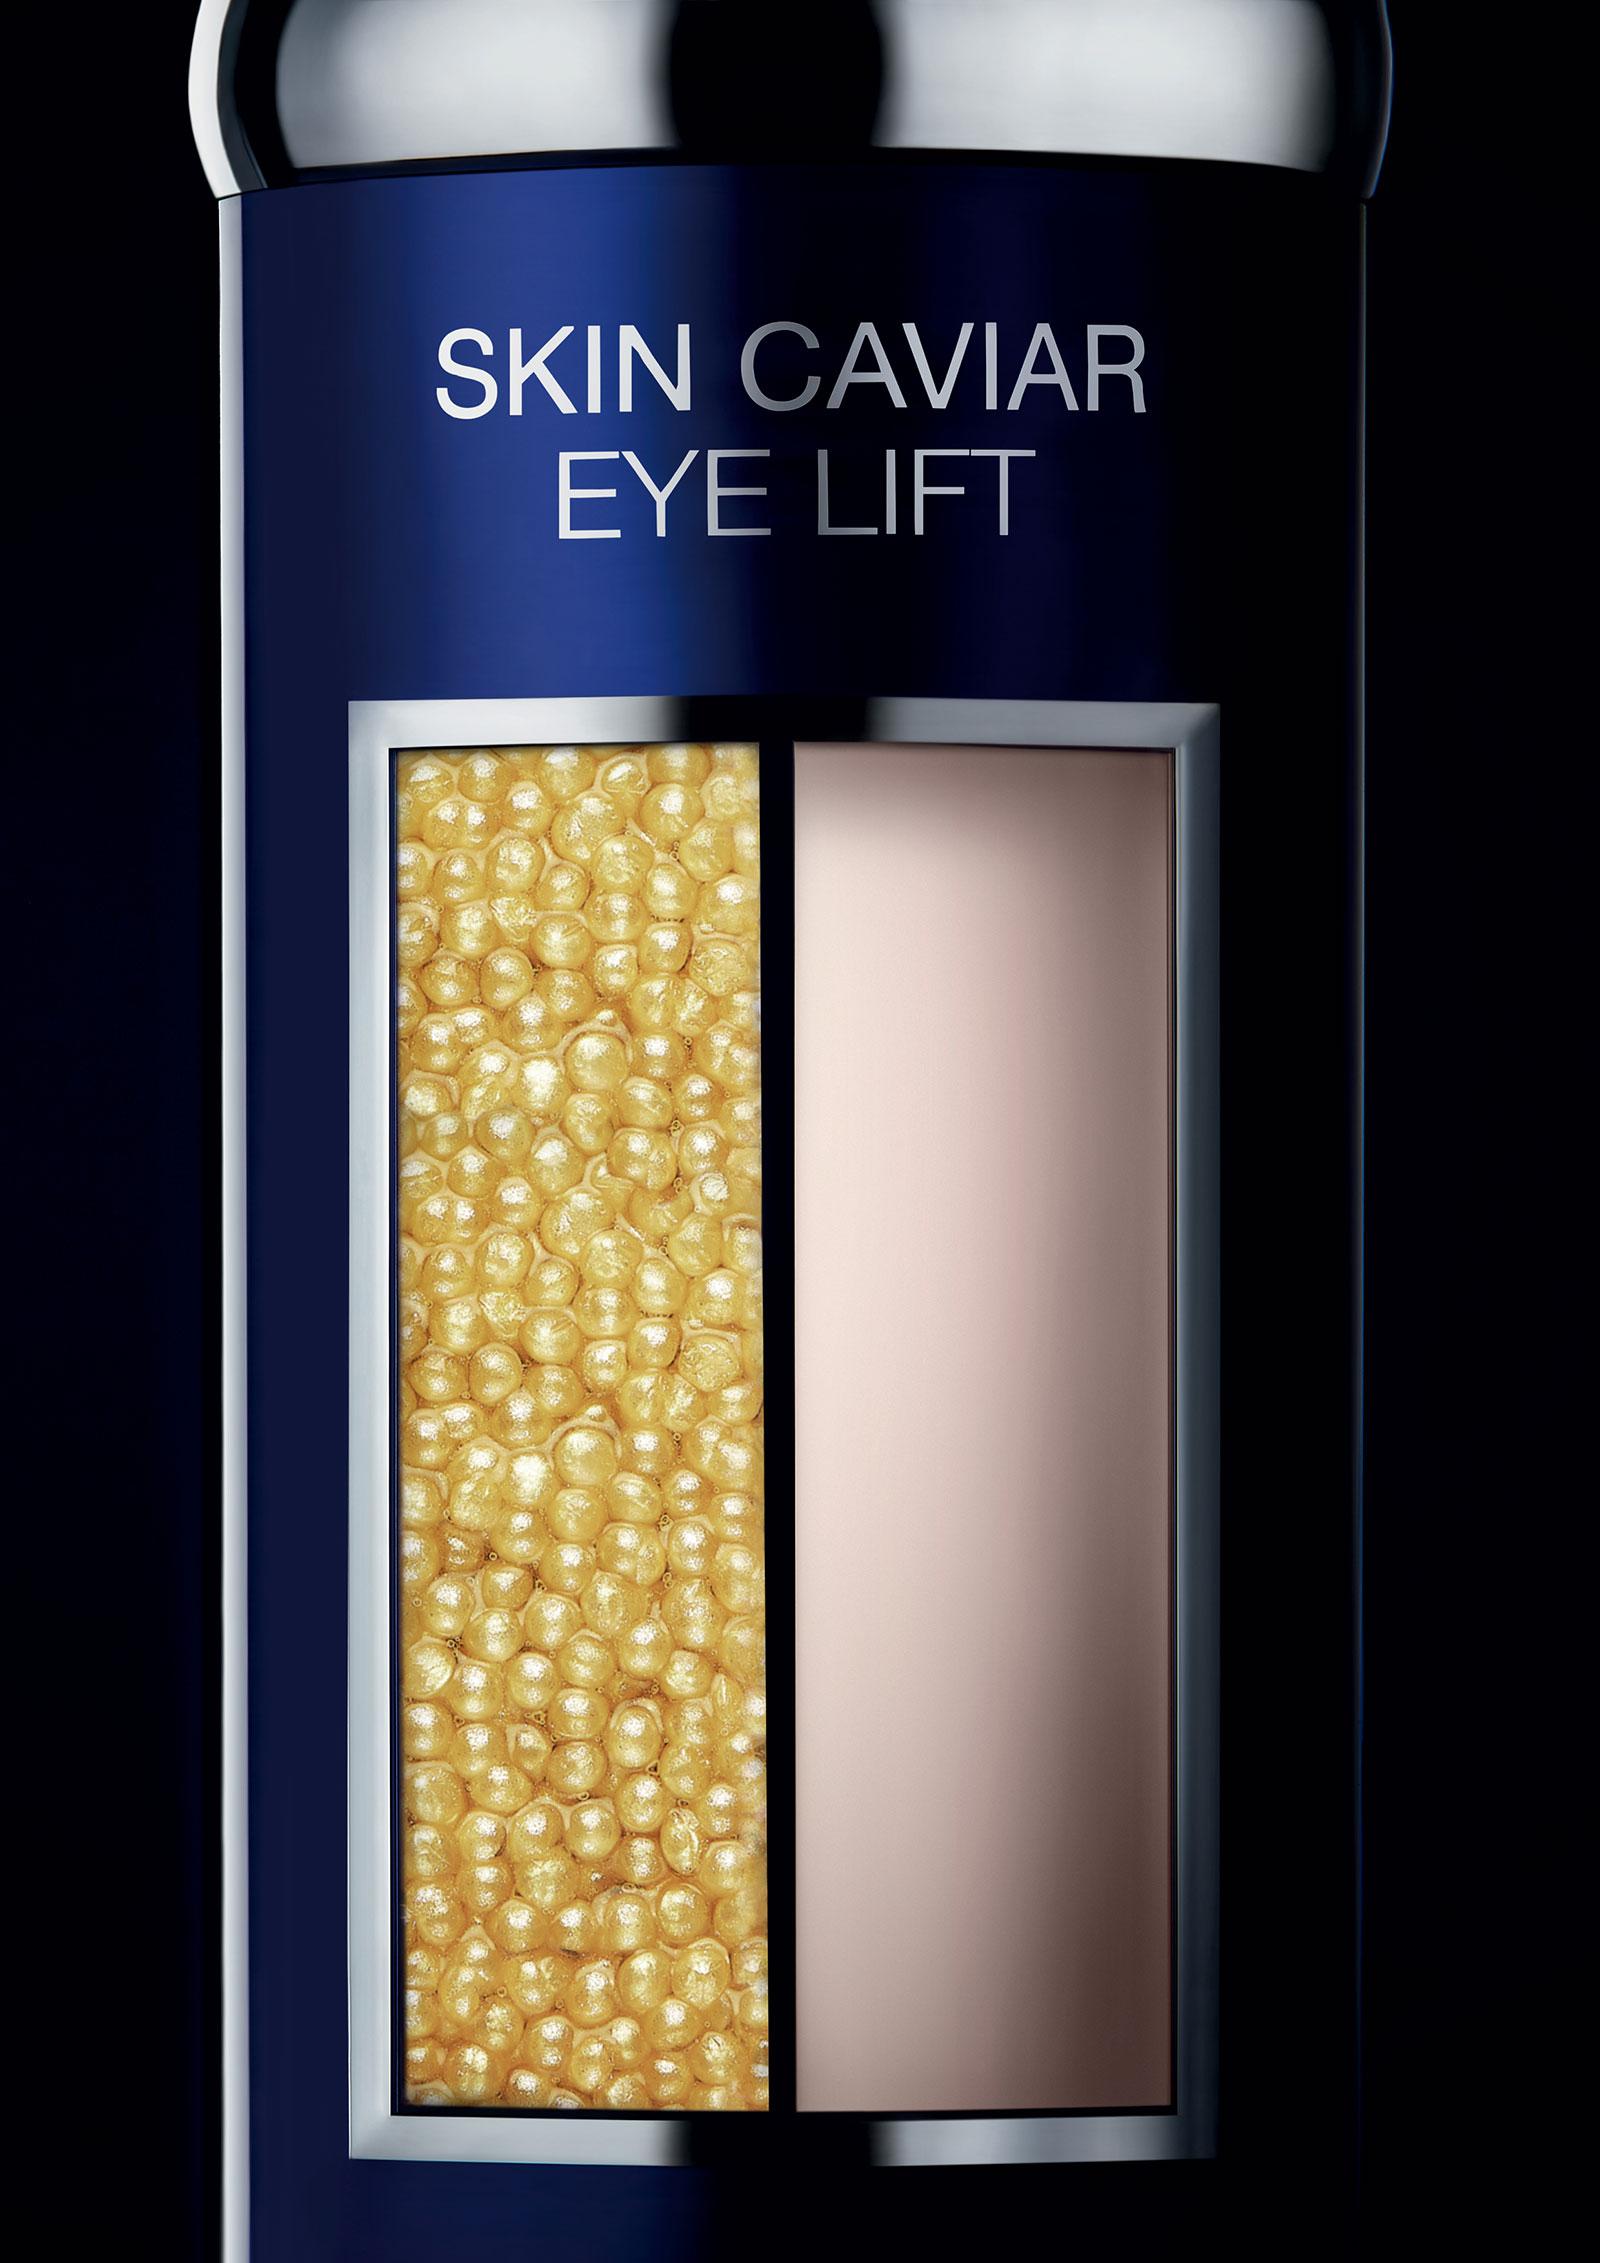 La-Prairie-Skin-Caviar-Eye-Lift-Flacon-Detail